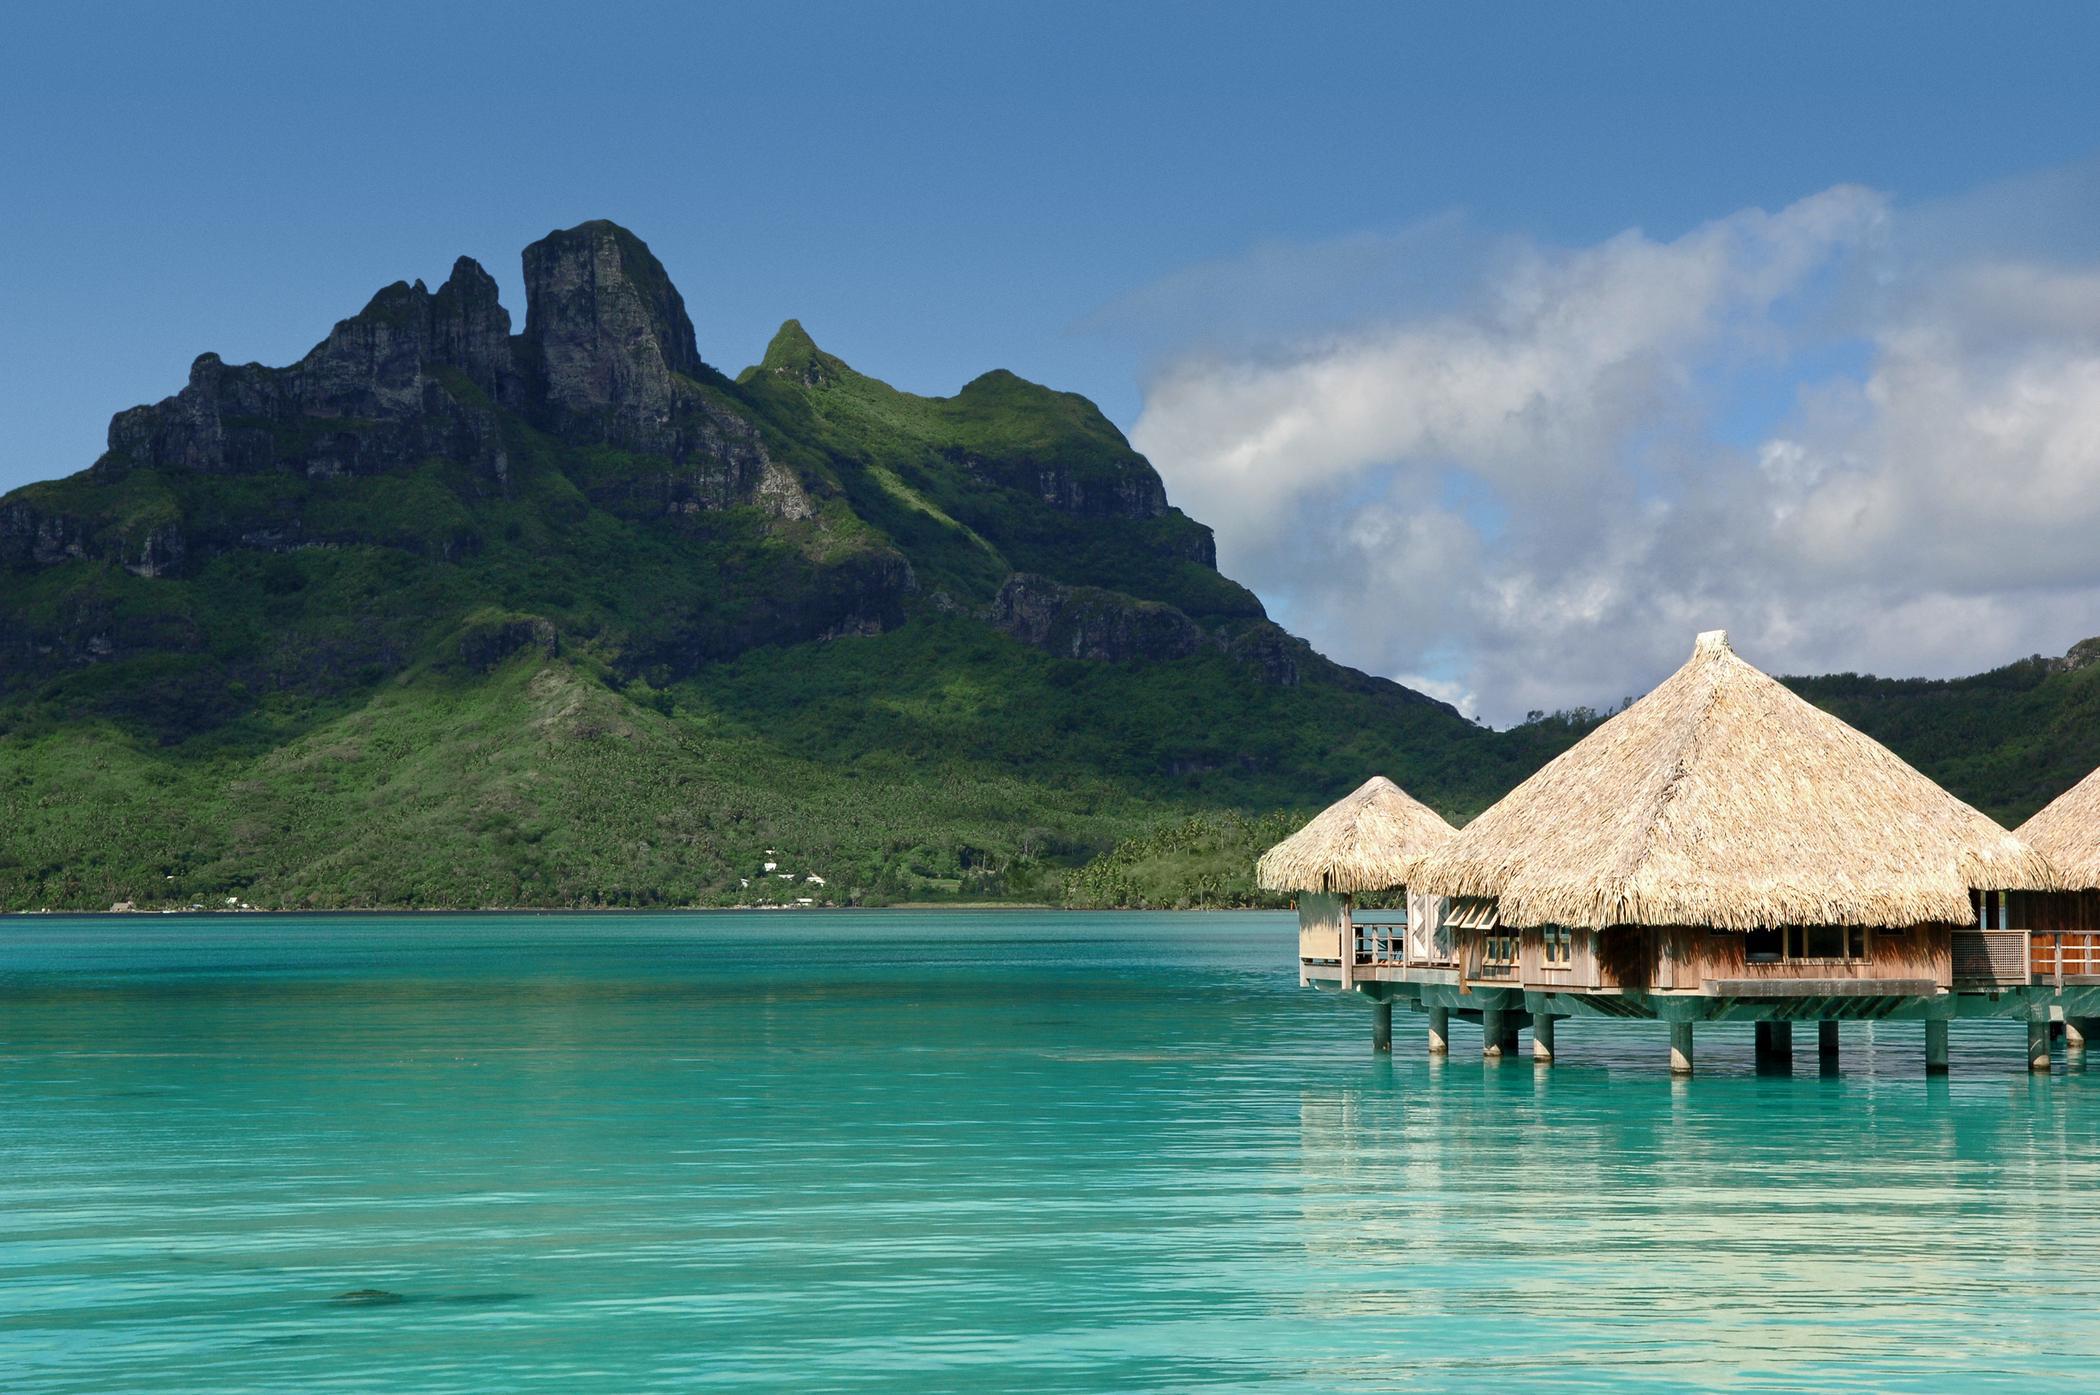 大溪地波拉波拉岛瑞吉度假酒店<br/>The St.Regis Bora Bora Resort